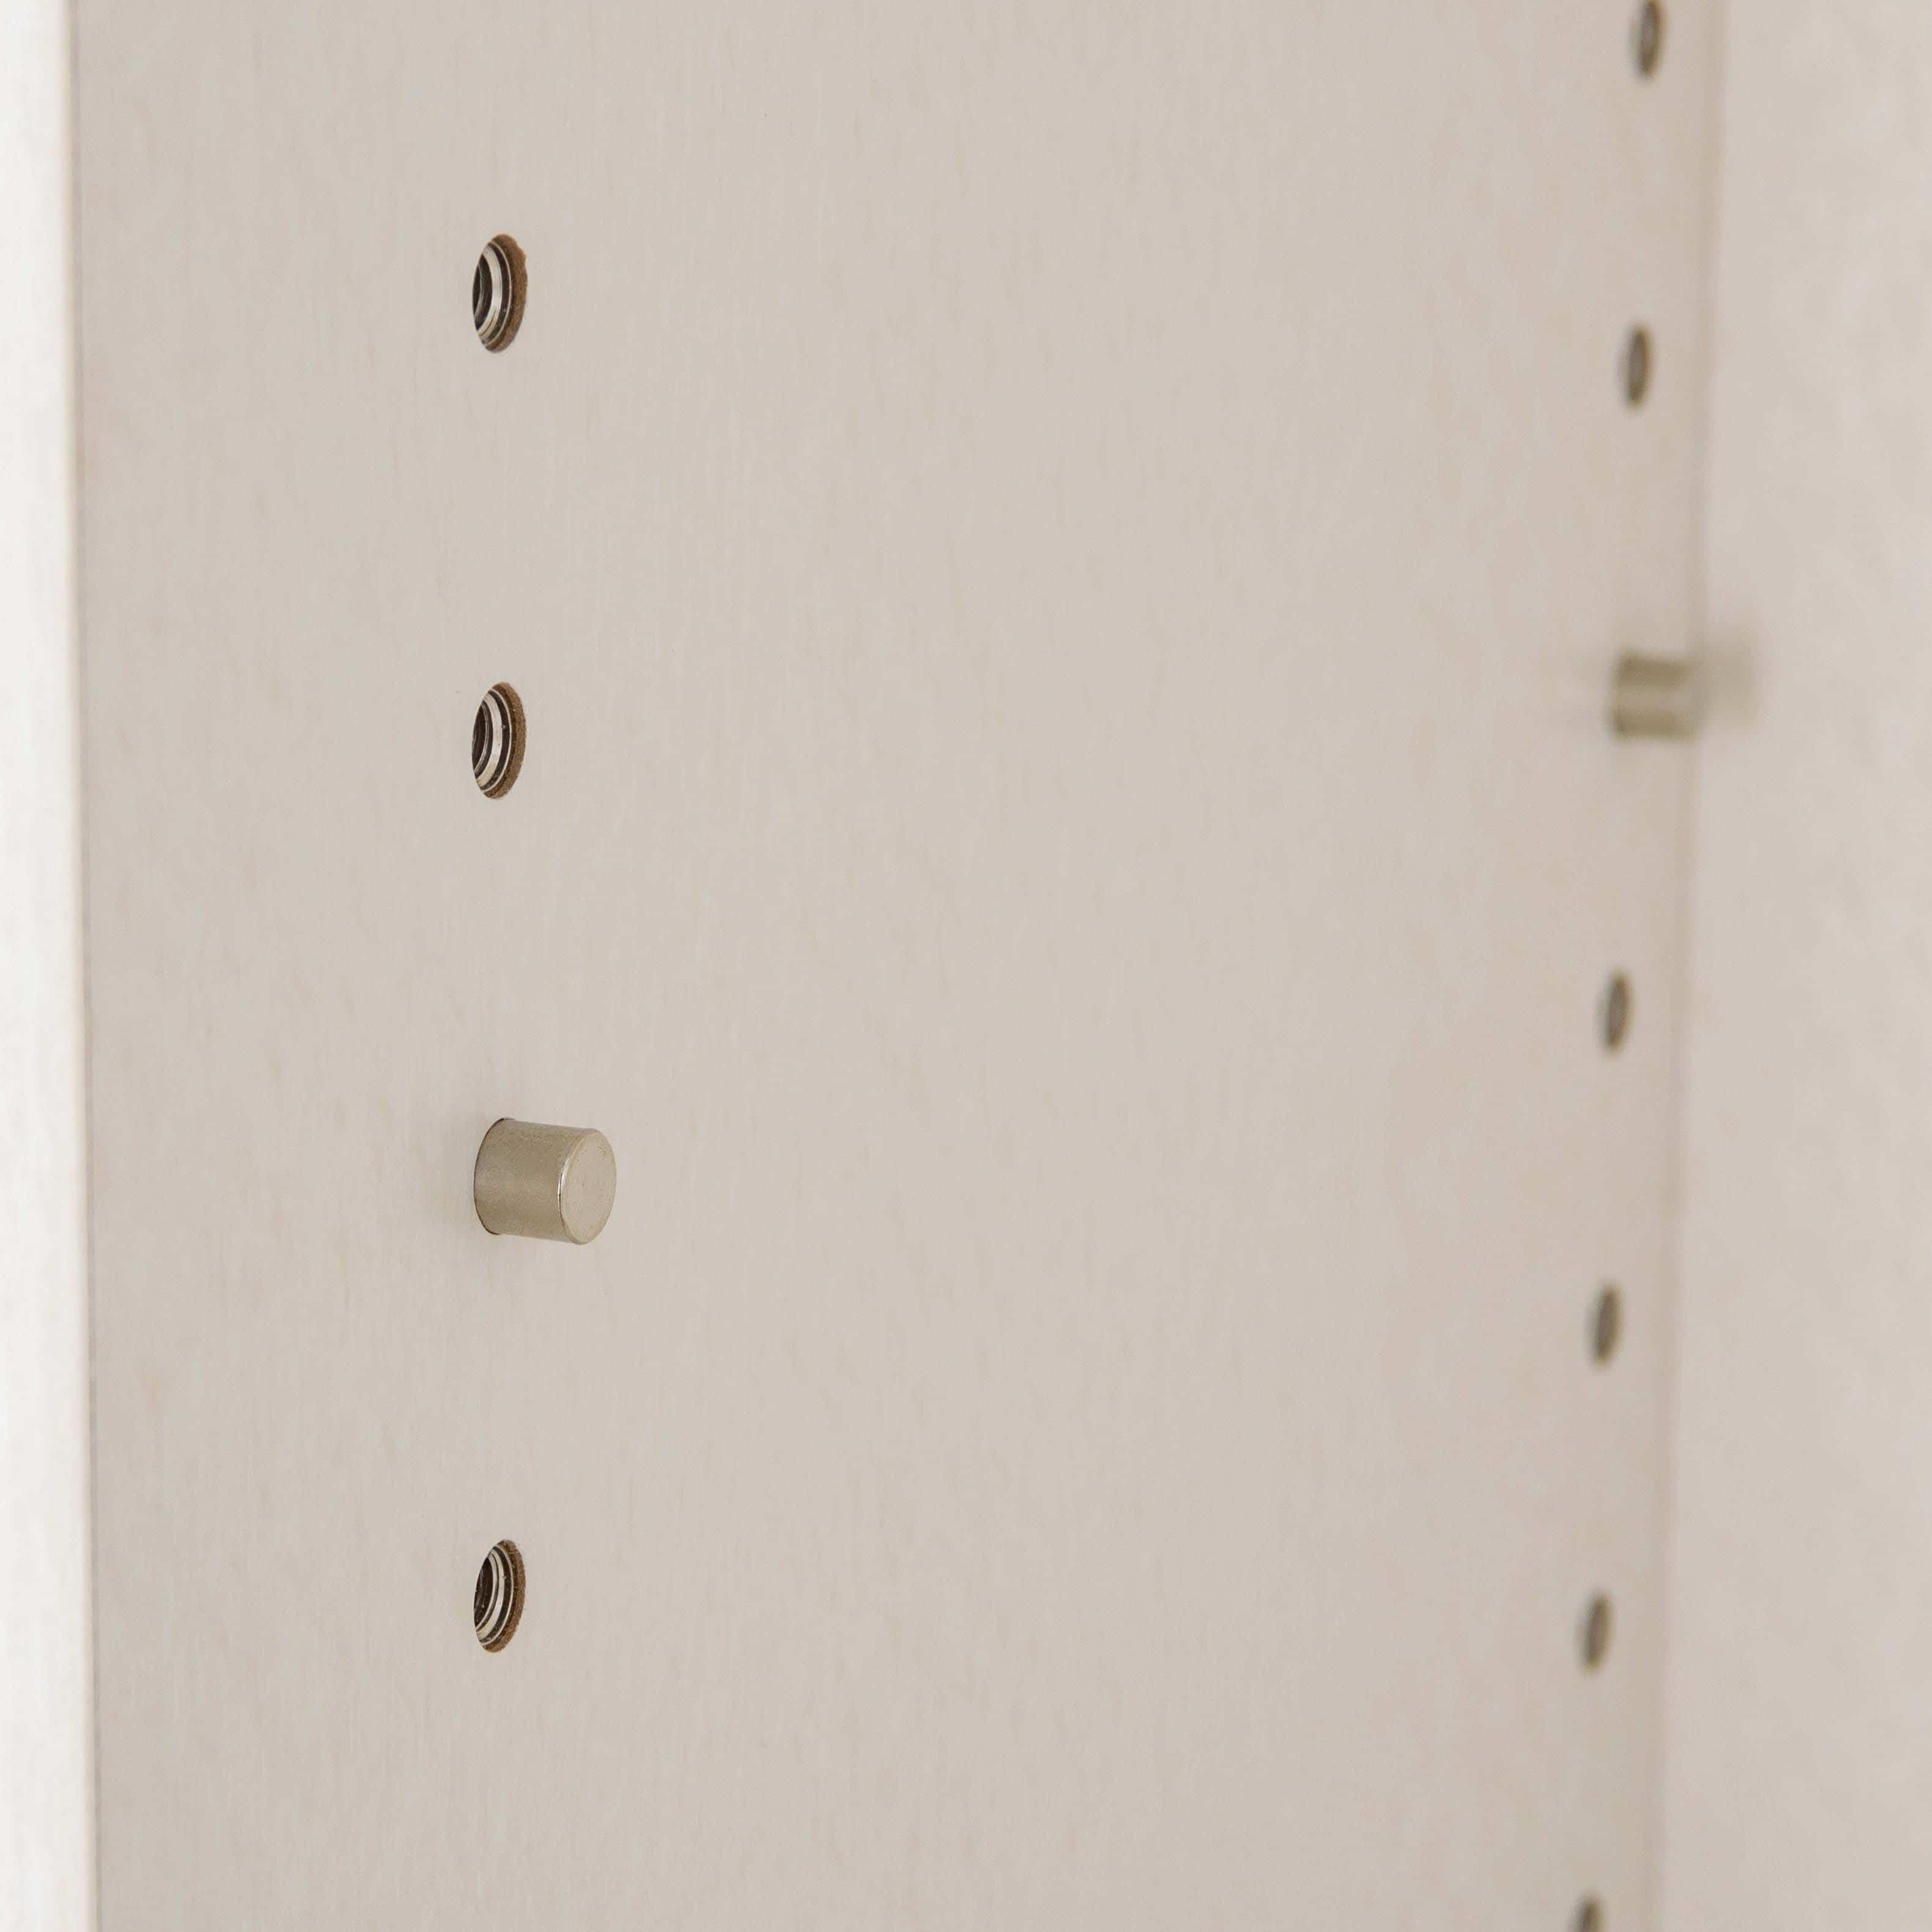 小島工芸 書棚 アコード120H(チェリーナチュラル):キレイに収まる魅せる収納